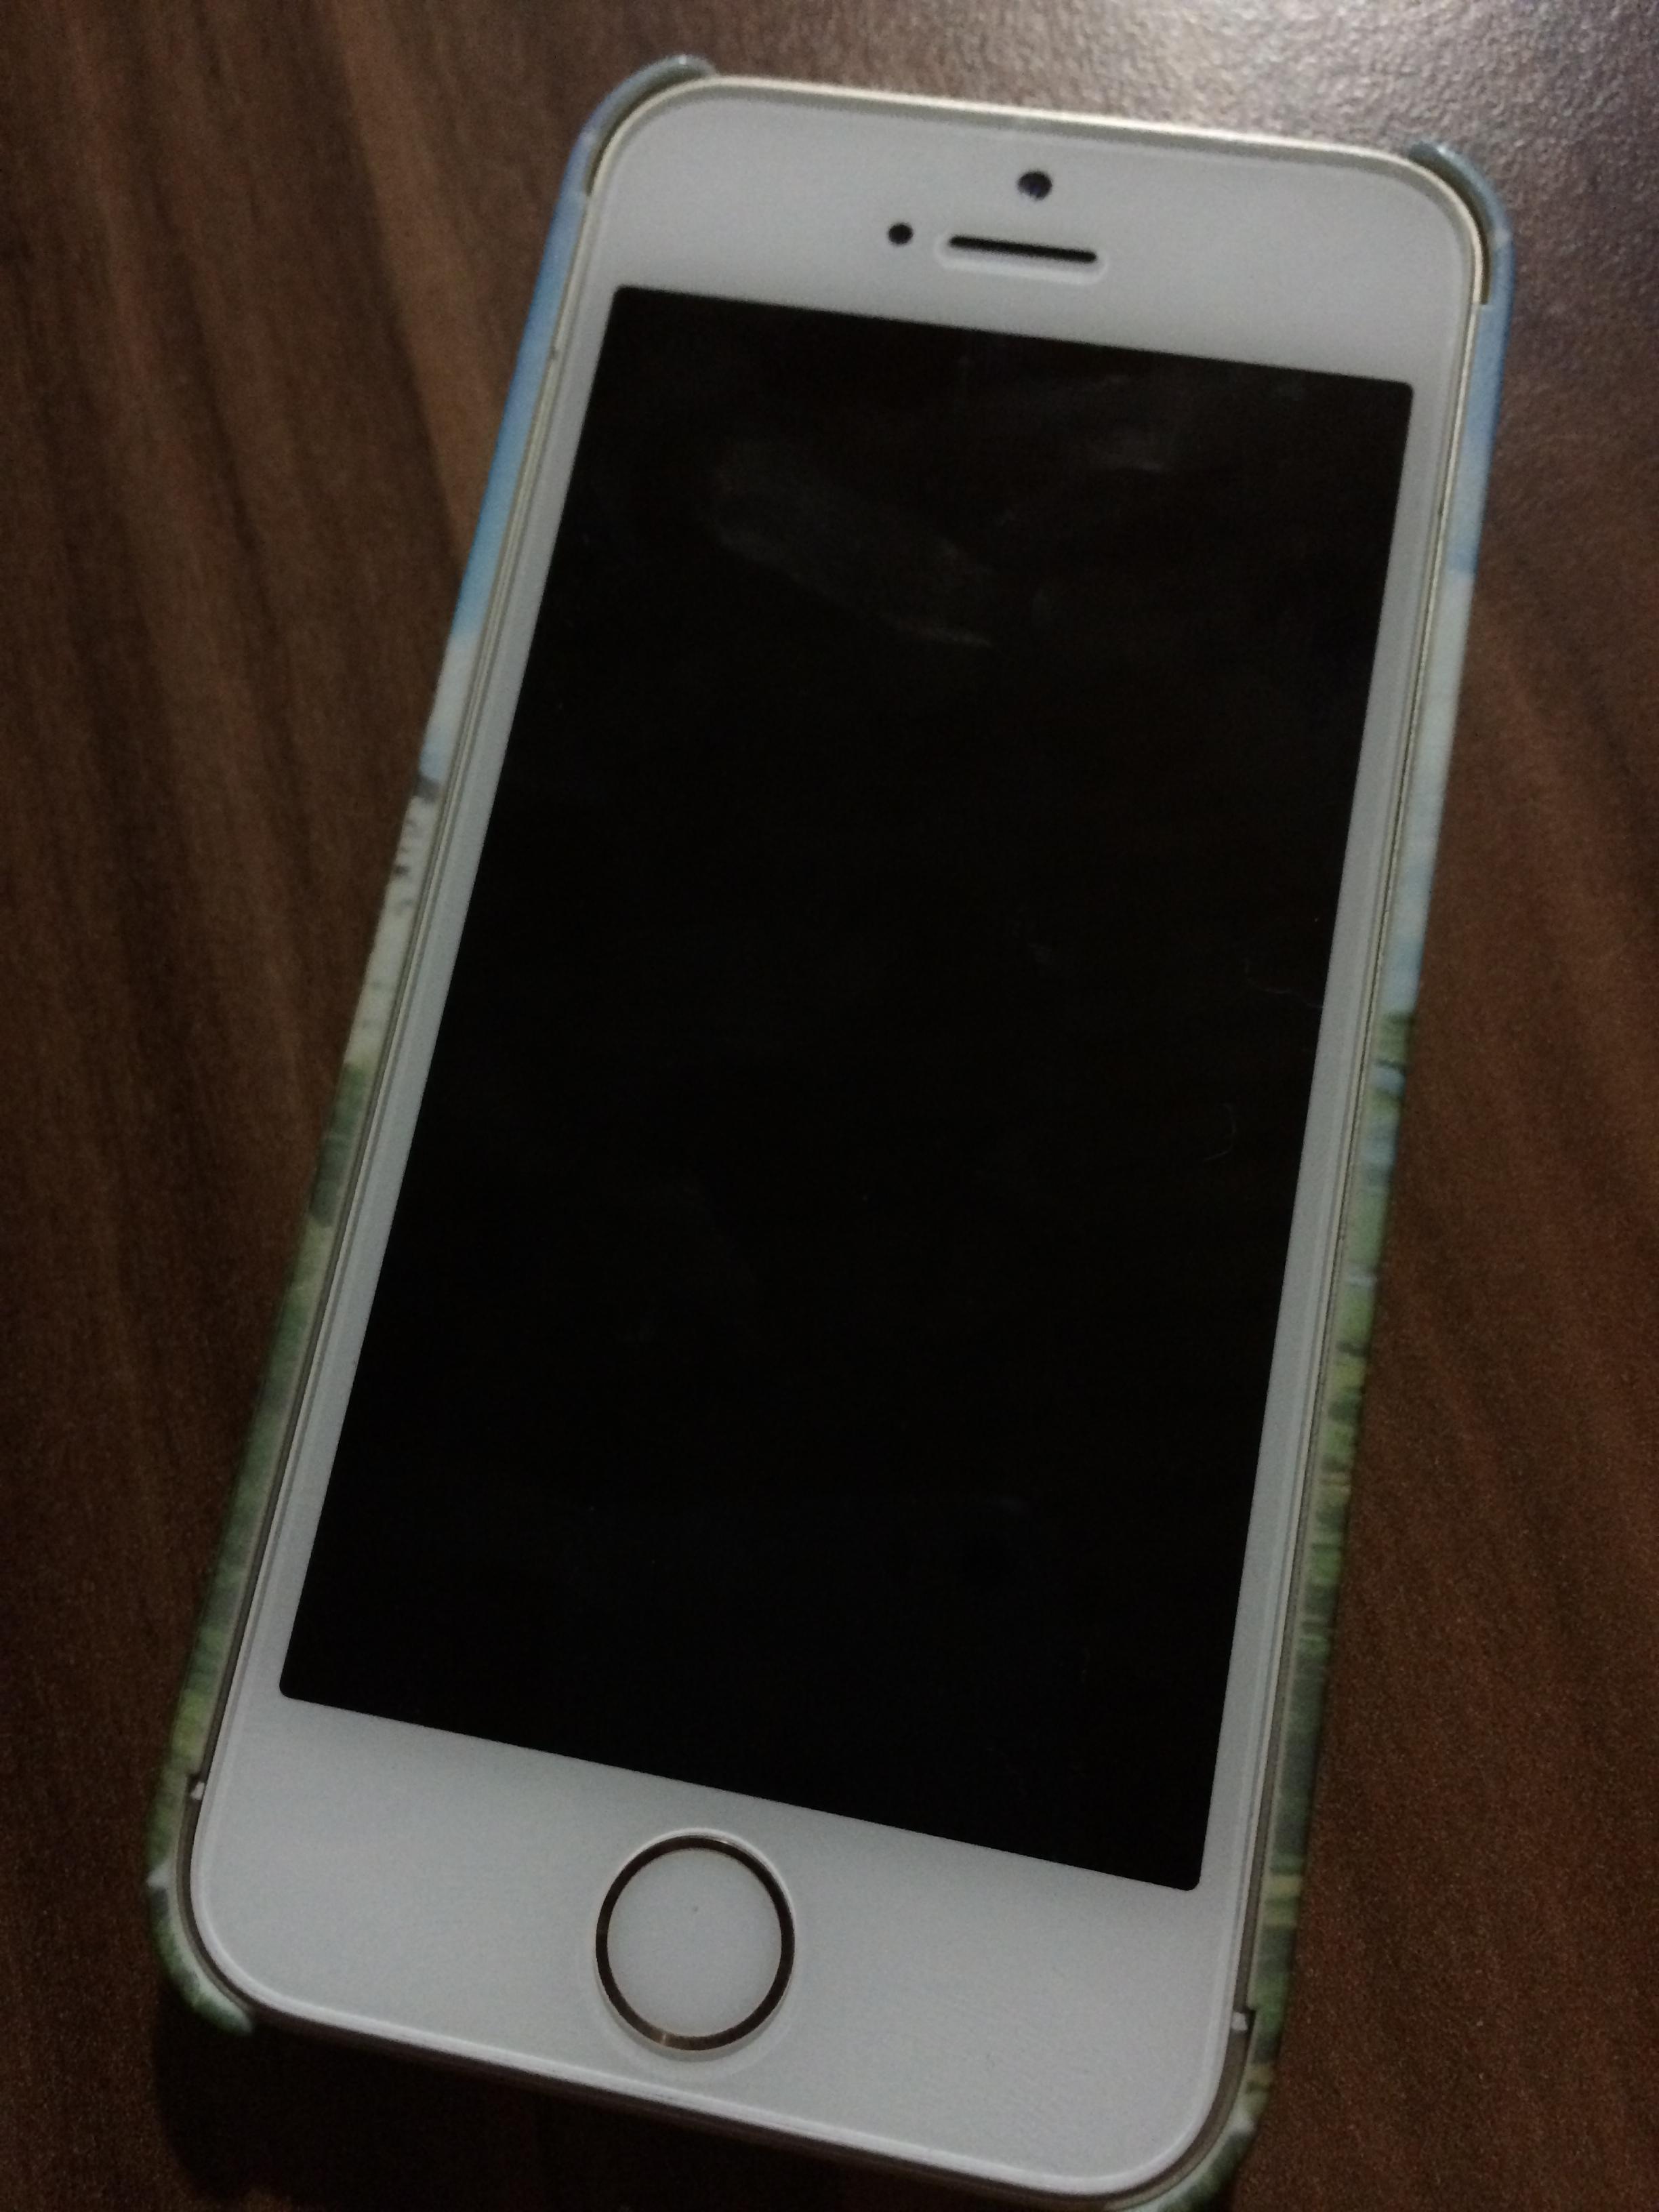 Caseable - Die Premium iPhone 5s Hülle mit Besonderheiten im Test 2